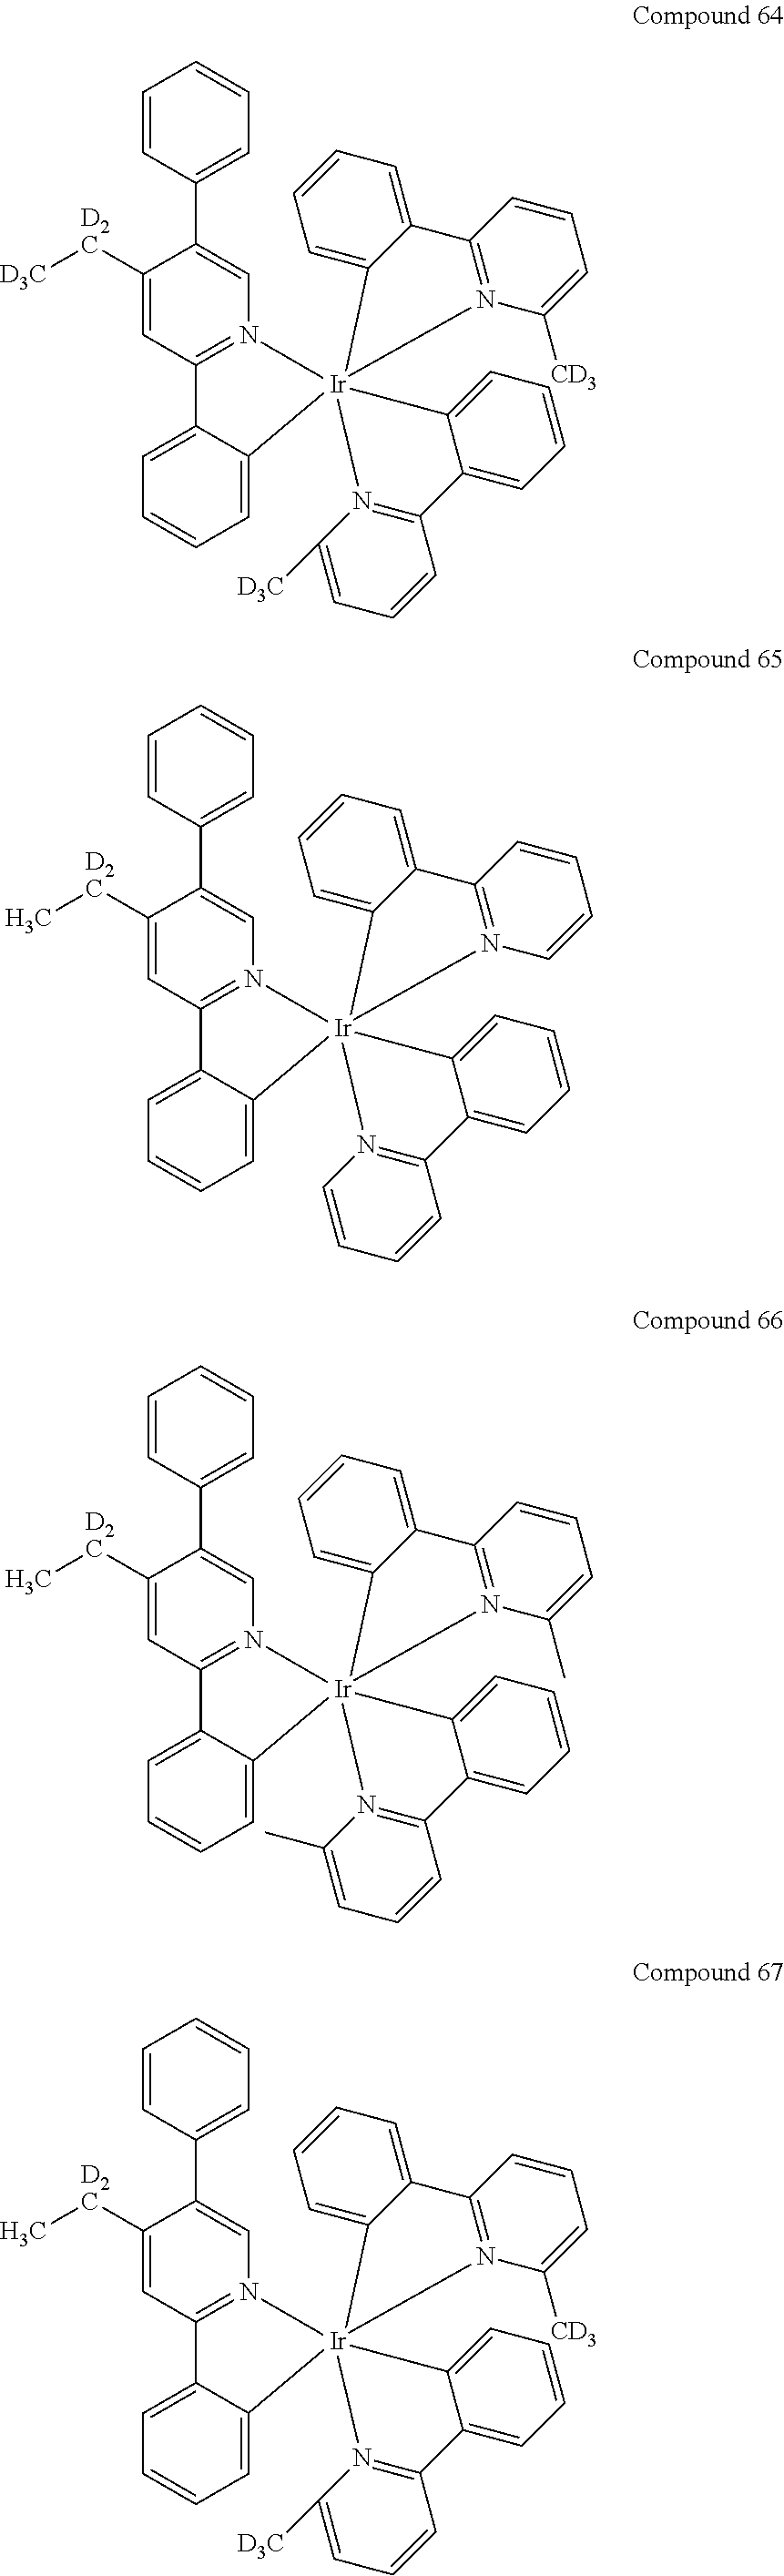 Figure US20100270916A1-20101028-C00195